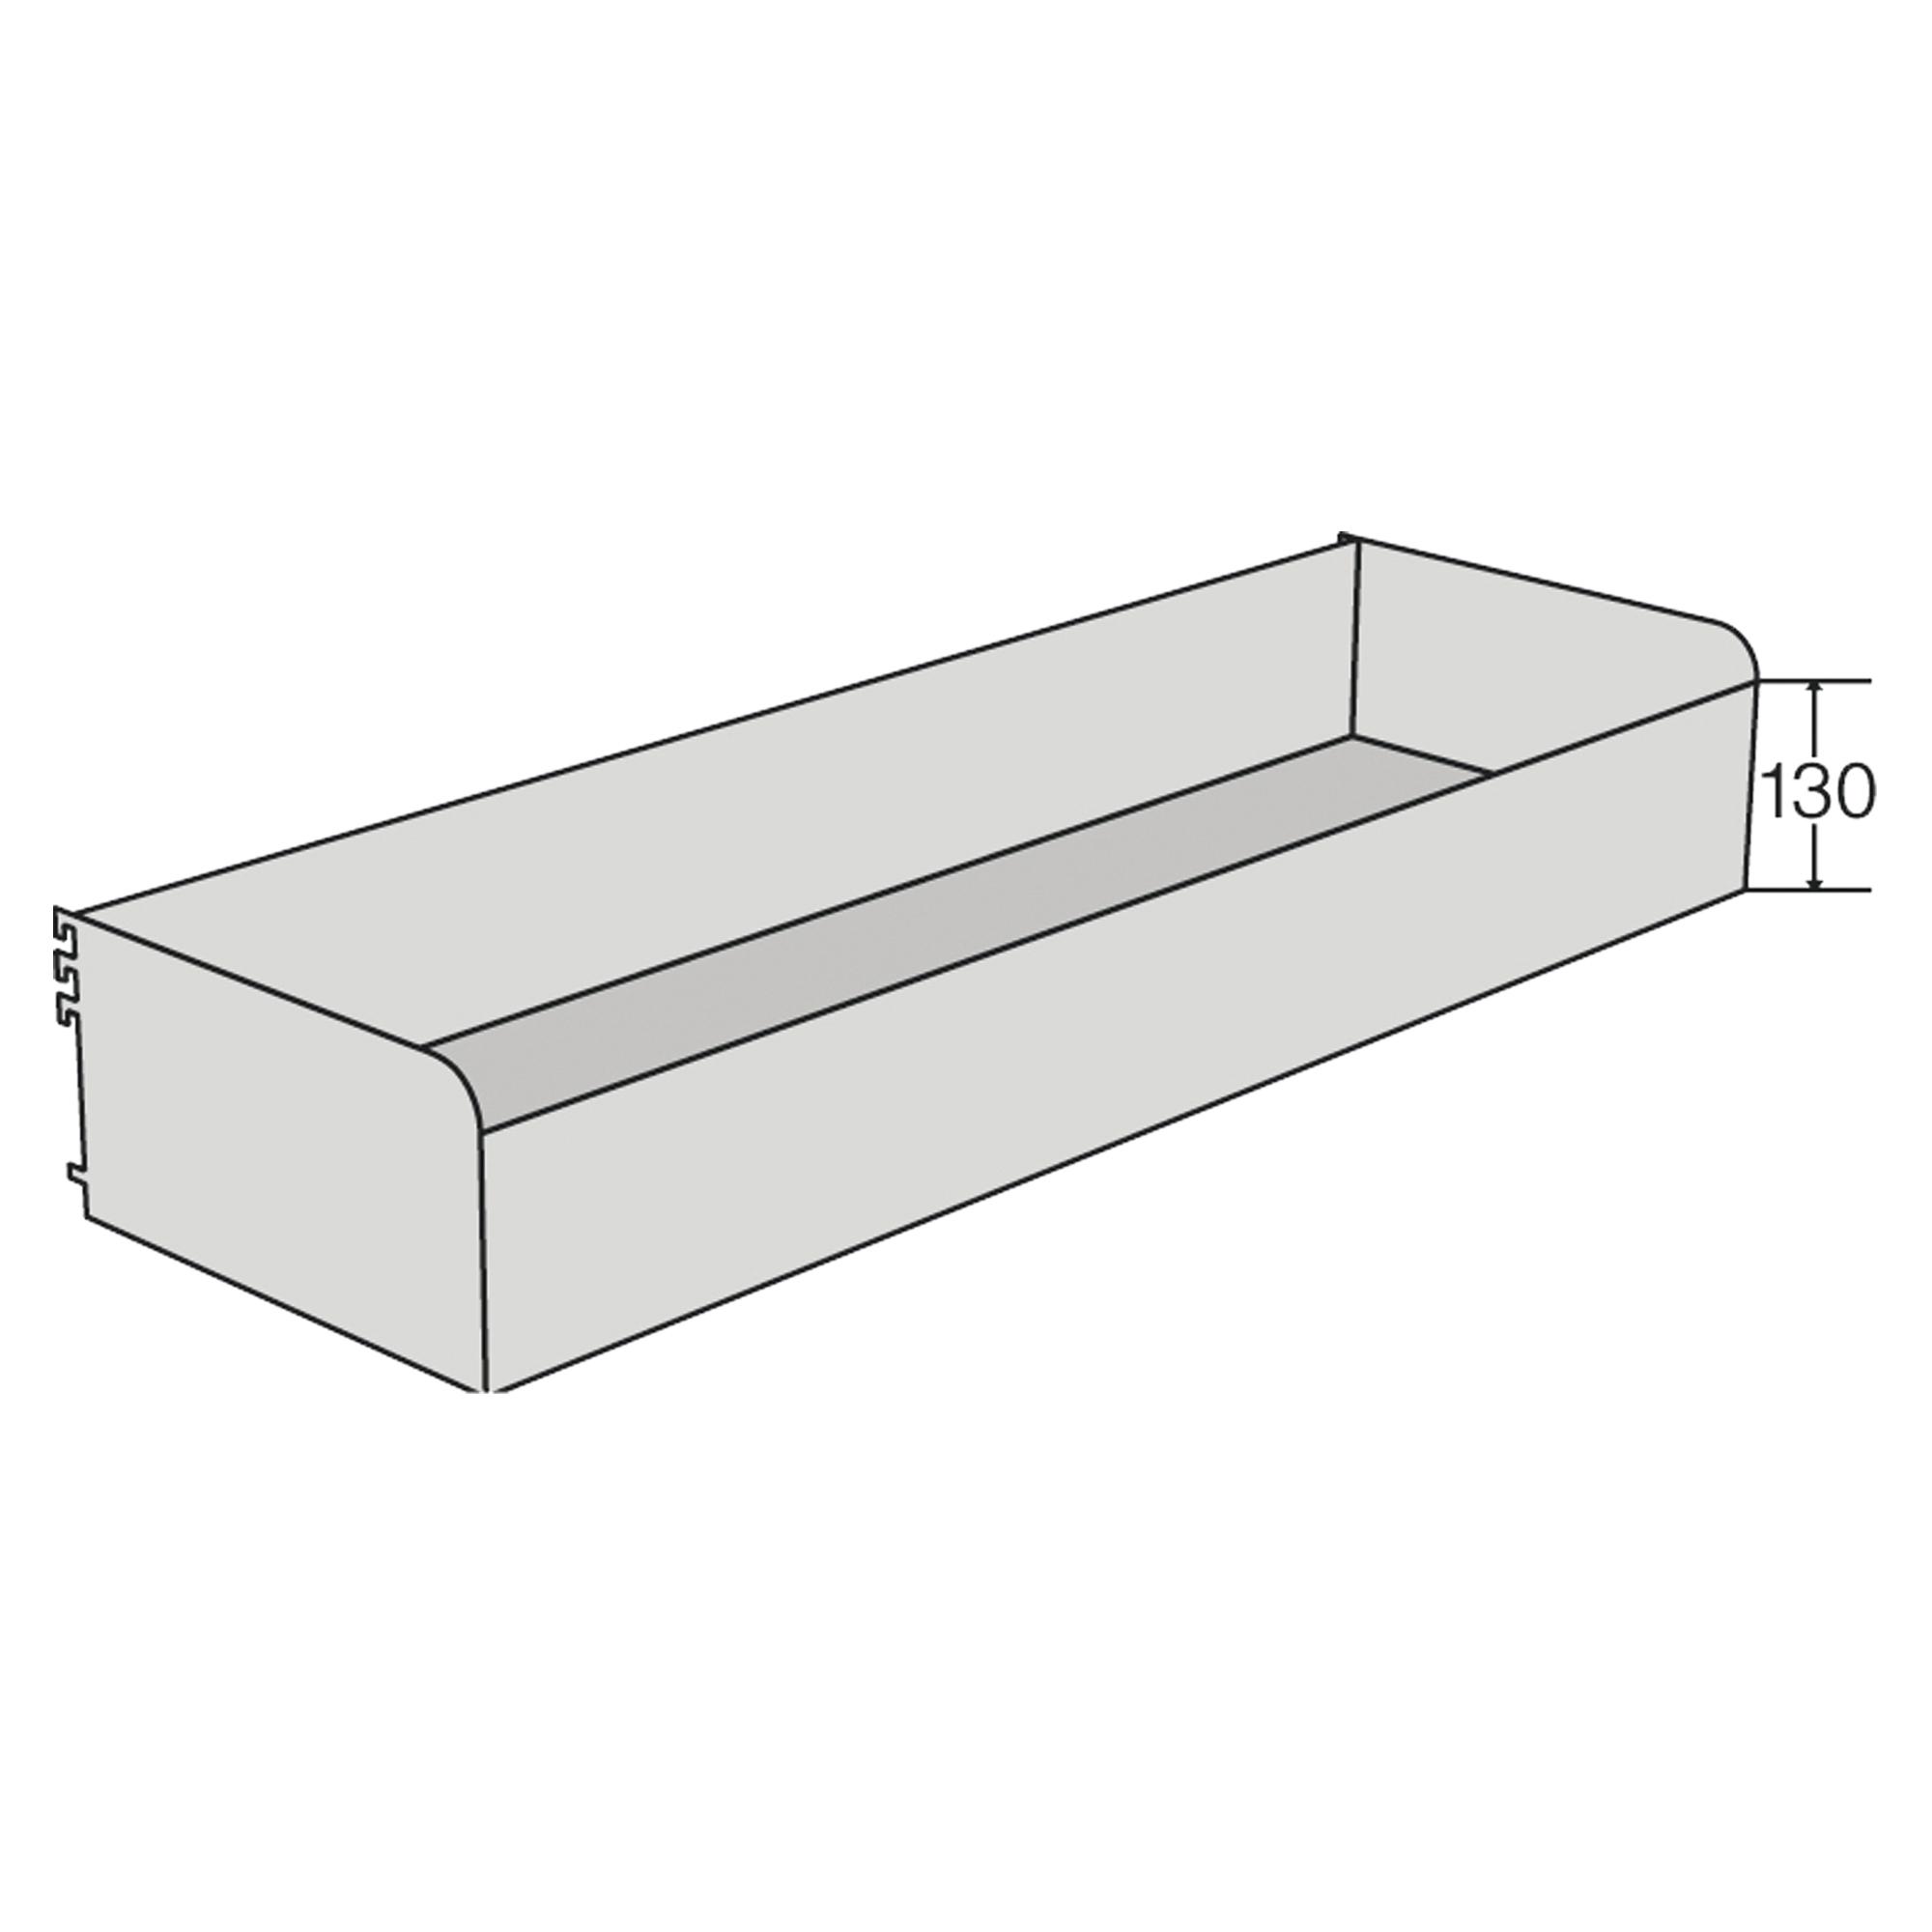 Fachkasten-Frontkante 130 mm hoch f. Freiarm-Regal